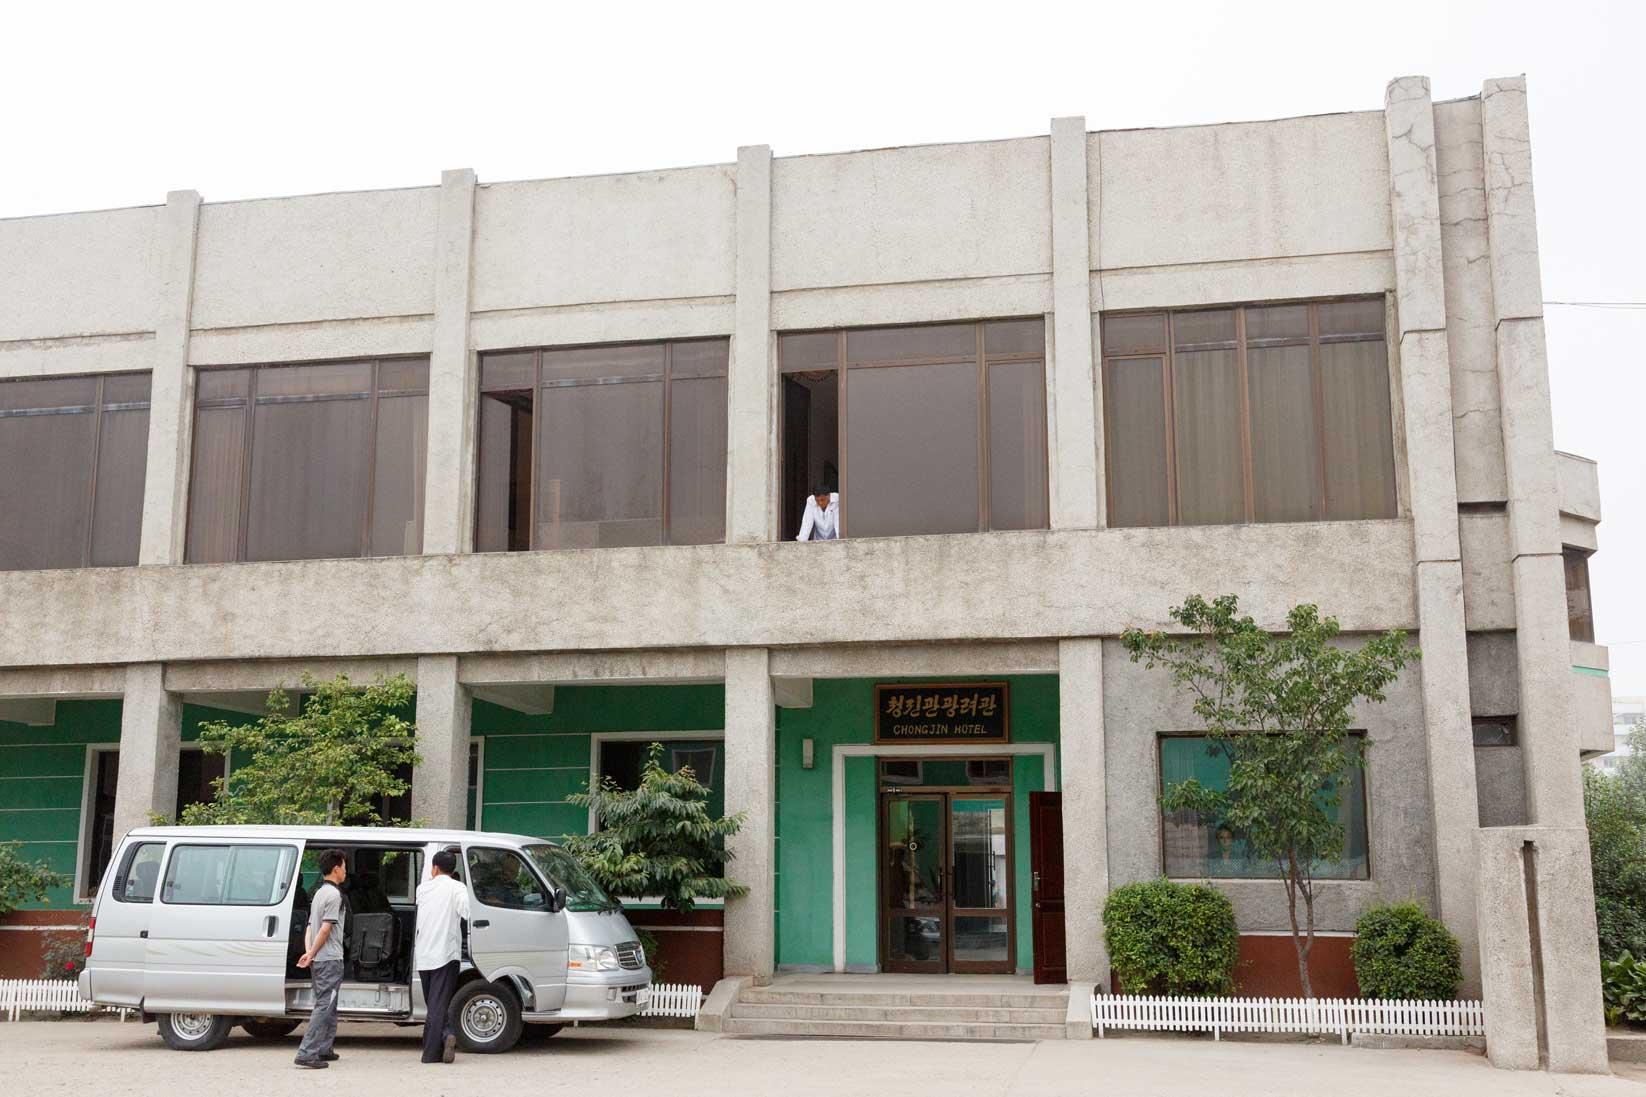 2014年版 北朝鮮のグルメ5泊6日のすべて【後編】_b0235153_23434422.jpg